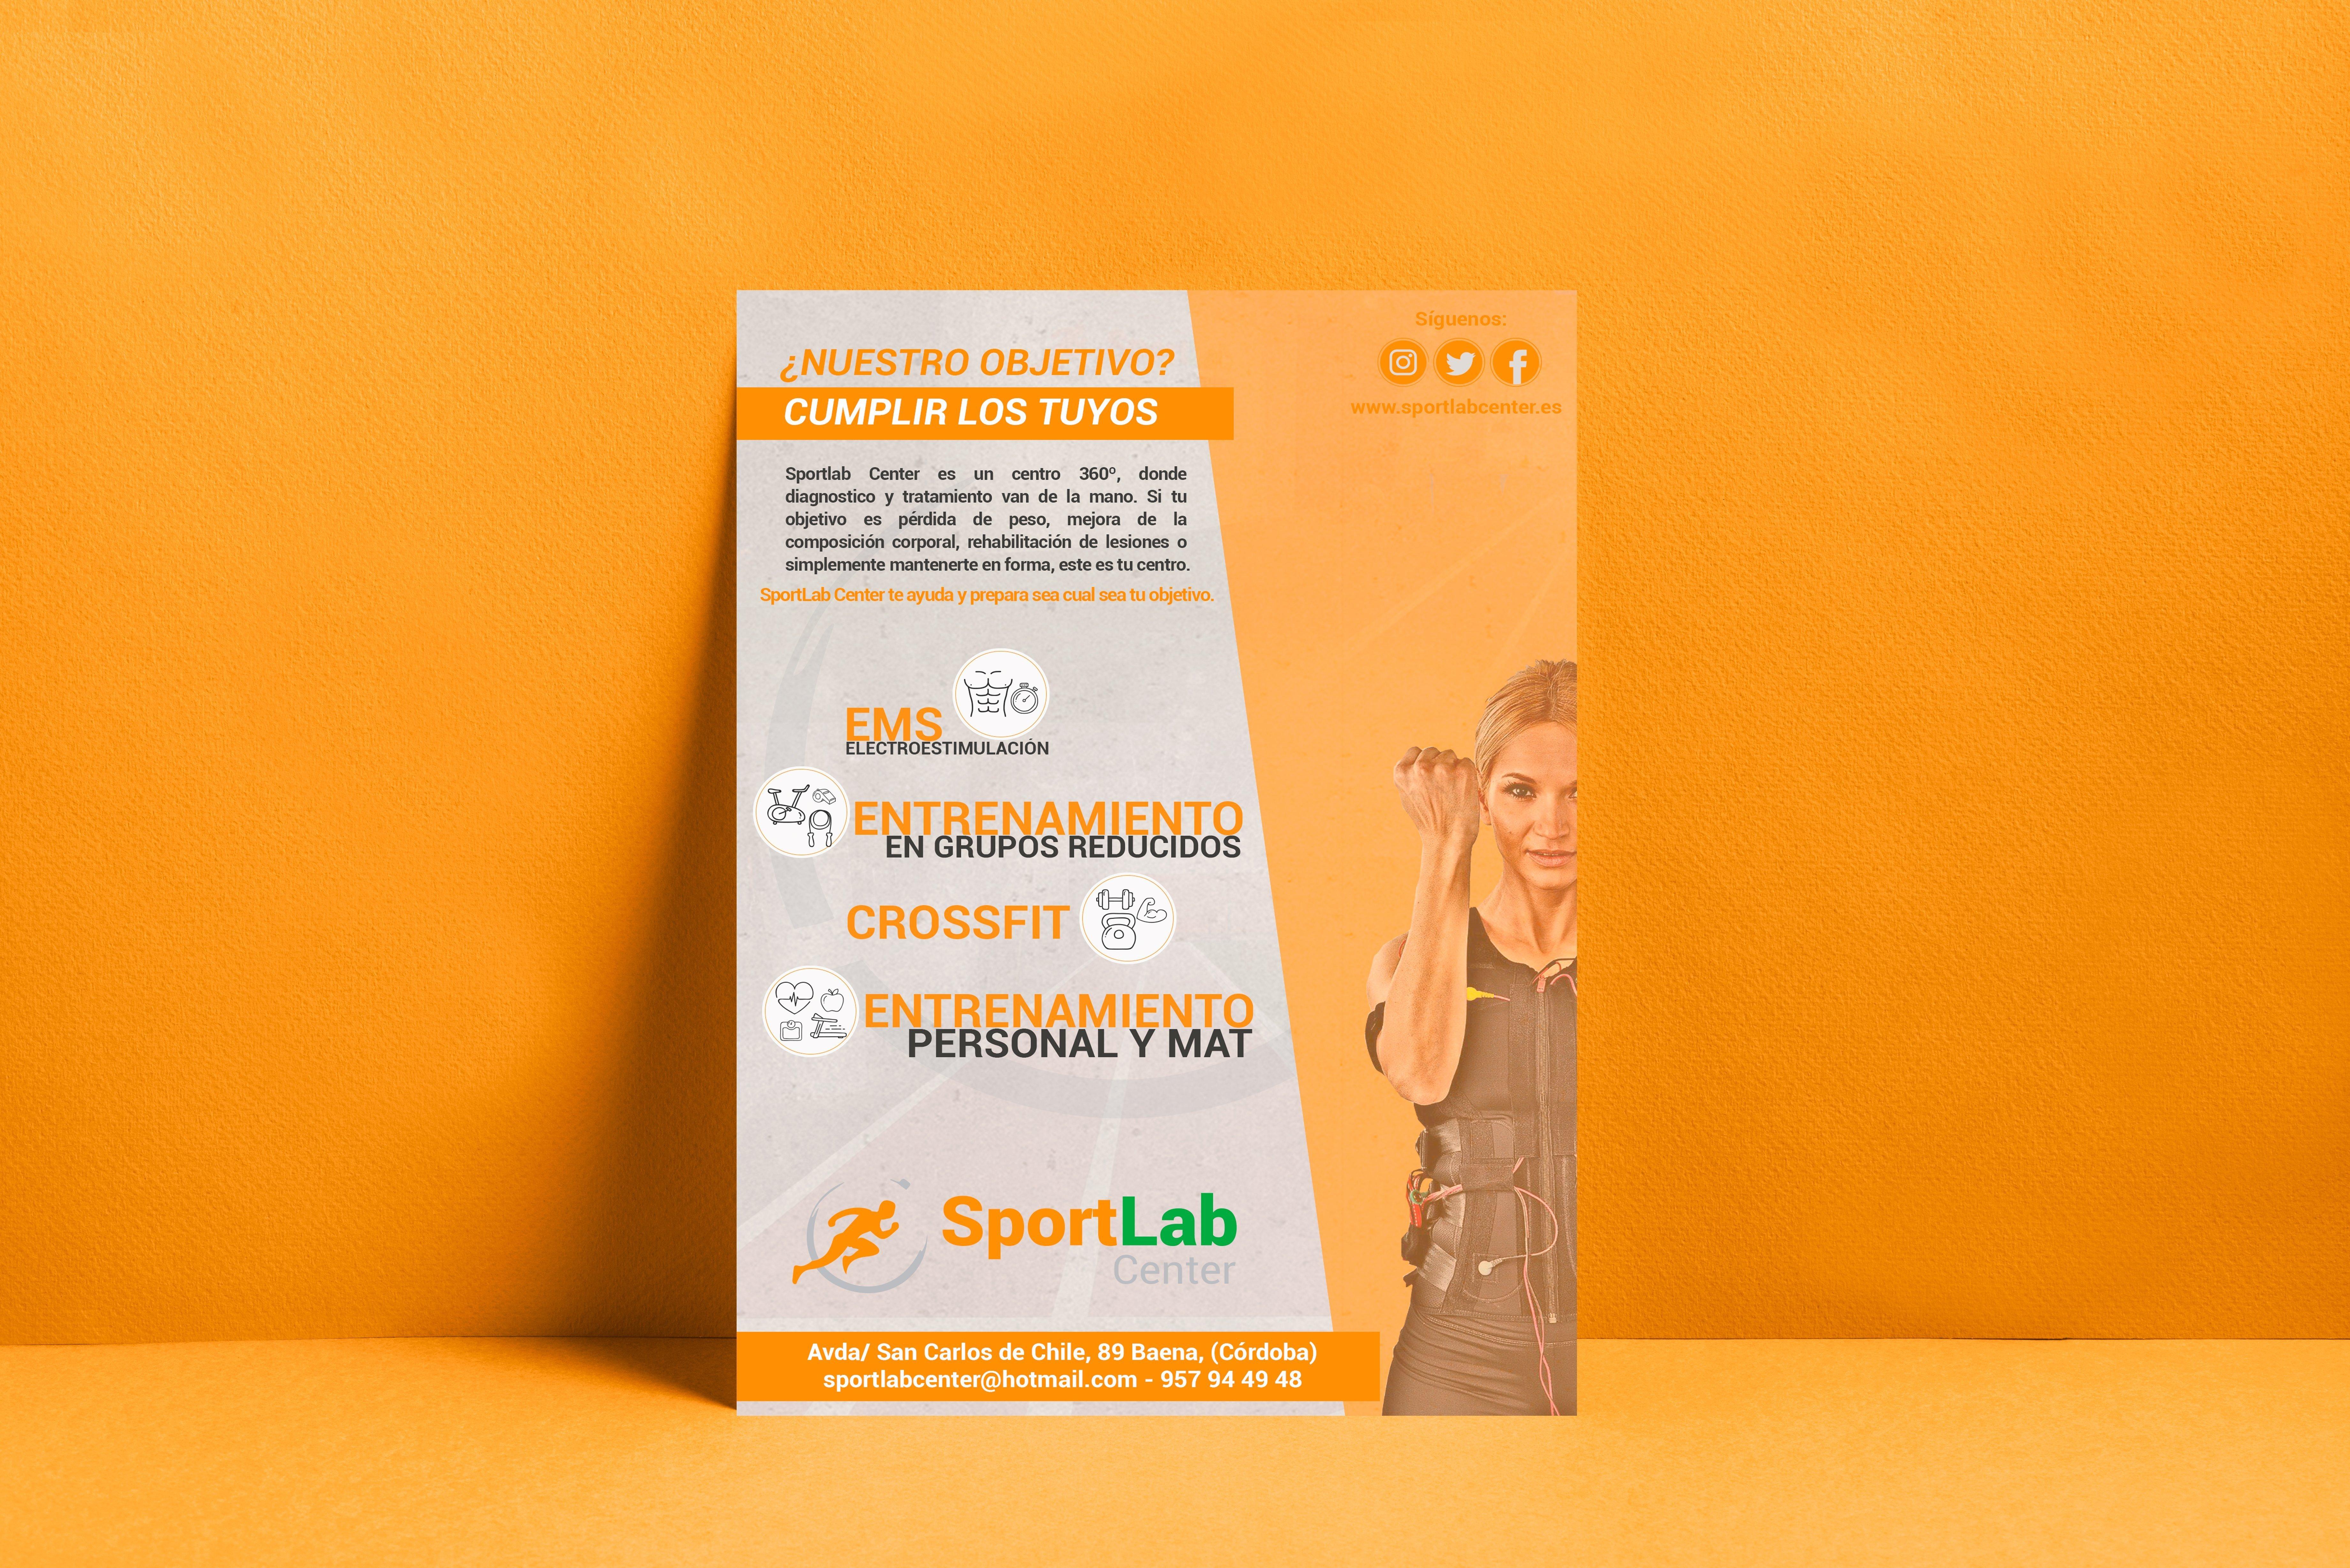 diseño publicidades sportlabcenter